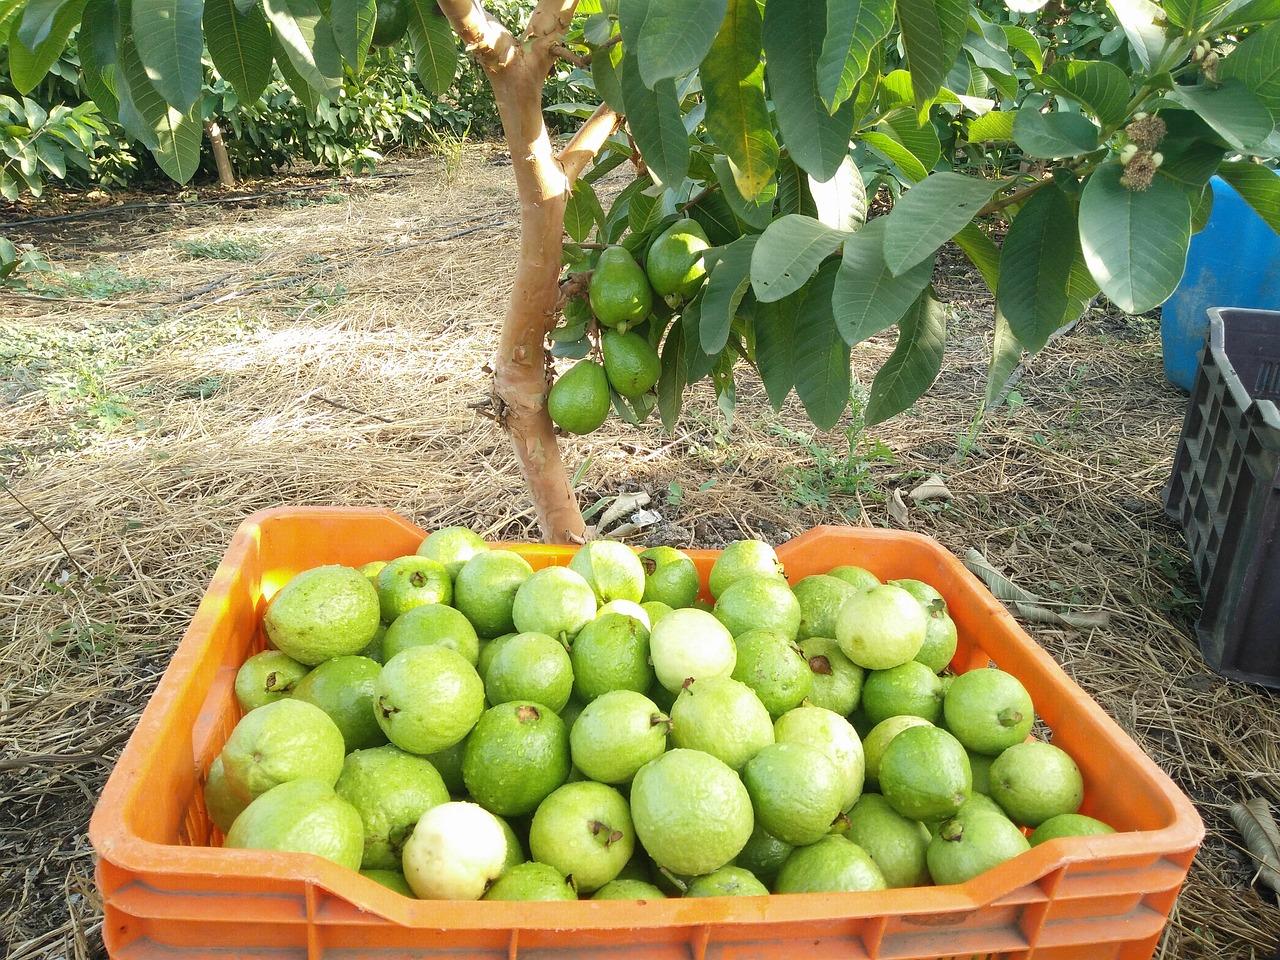 Pregnancy me Guava khana safe hai